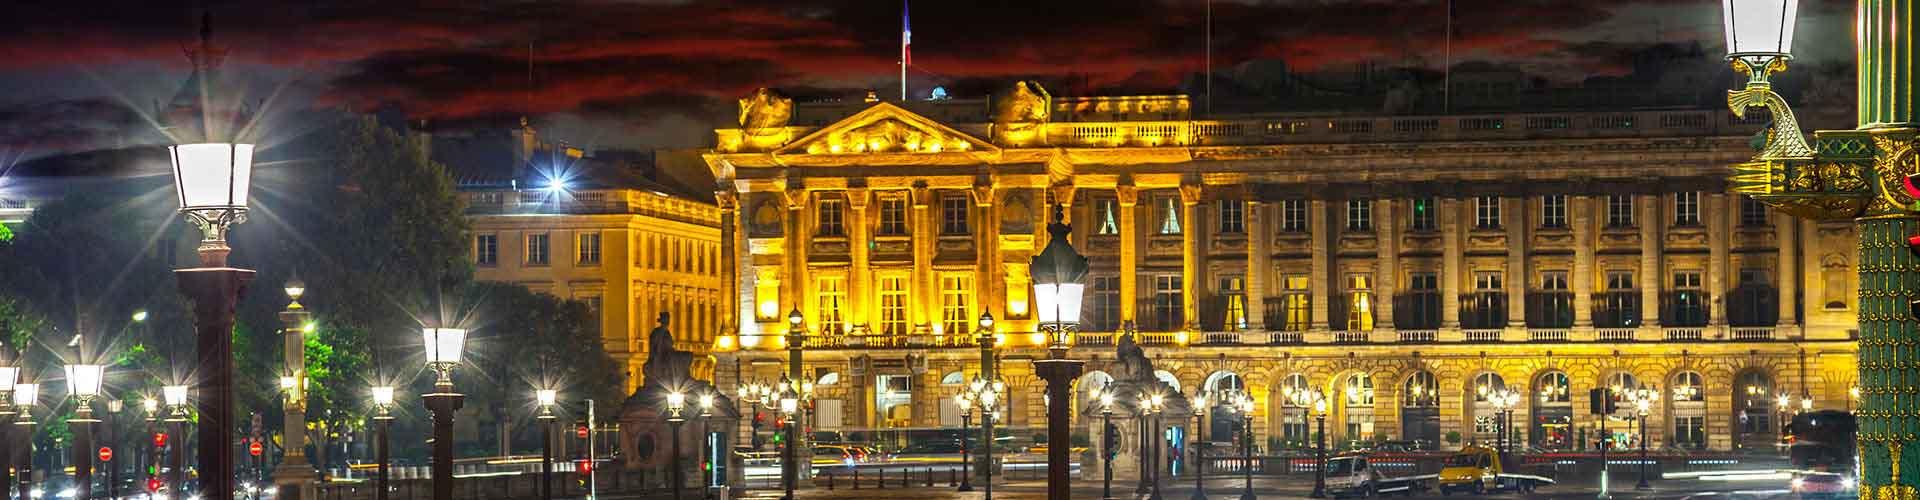 Pariisi – Hostellit lähellä Place de la Concorde. Pariisi -karttoja, valokuvia ja arvosteluja kaikista Pariisi -hostelleista.